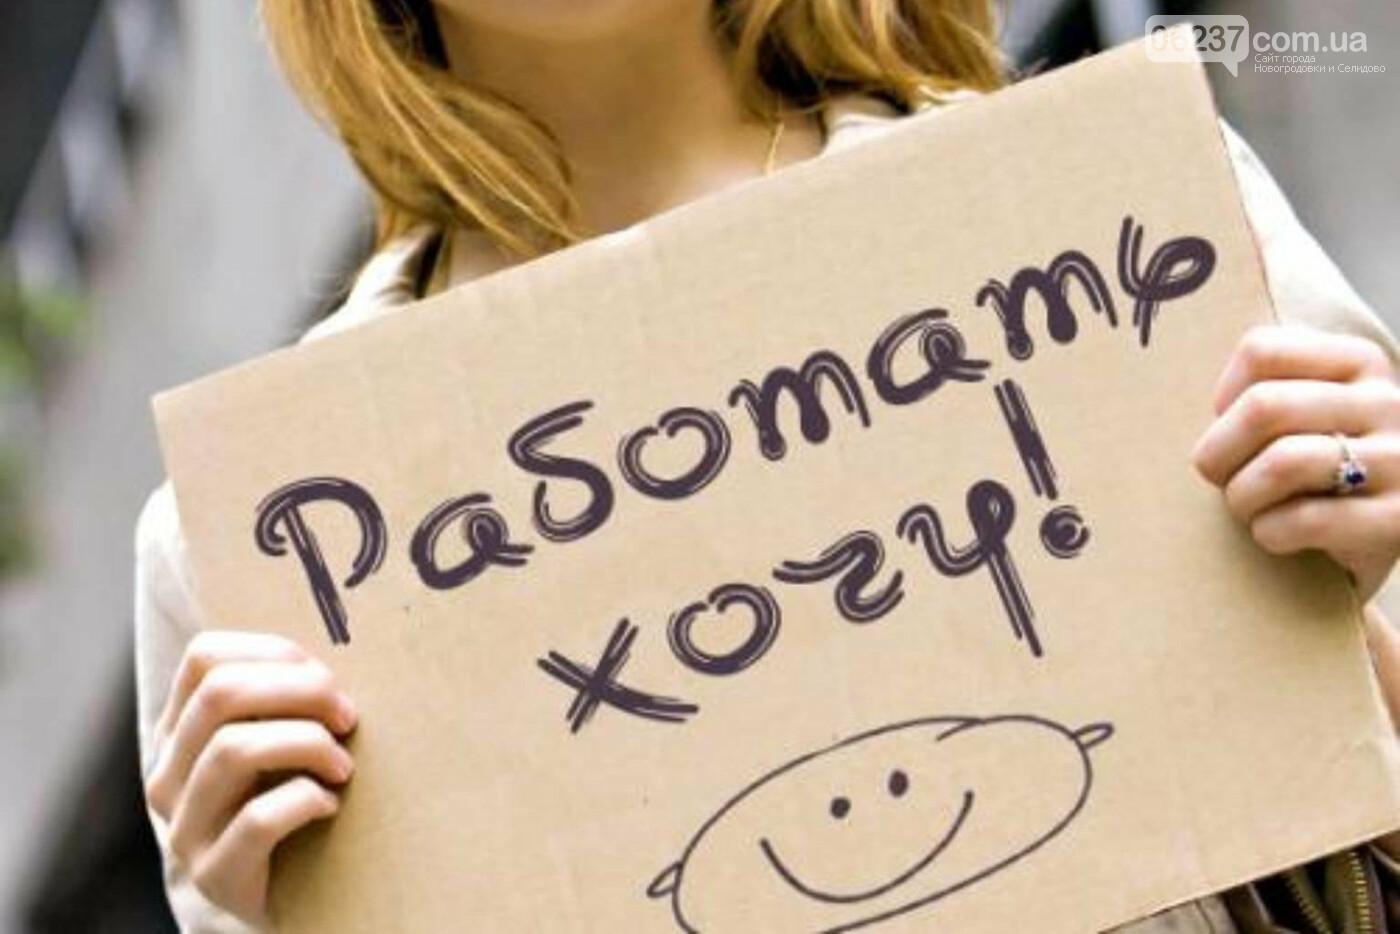 Треть украинцев продолжительное время не могут найти работу, фото-1